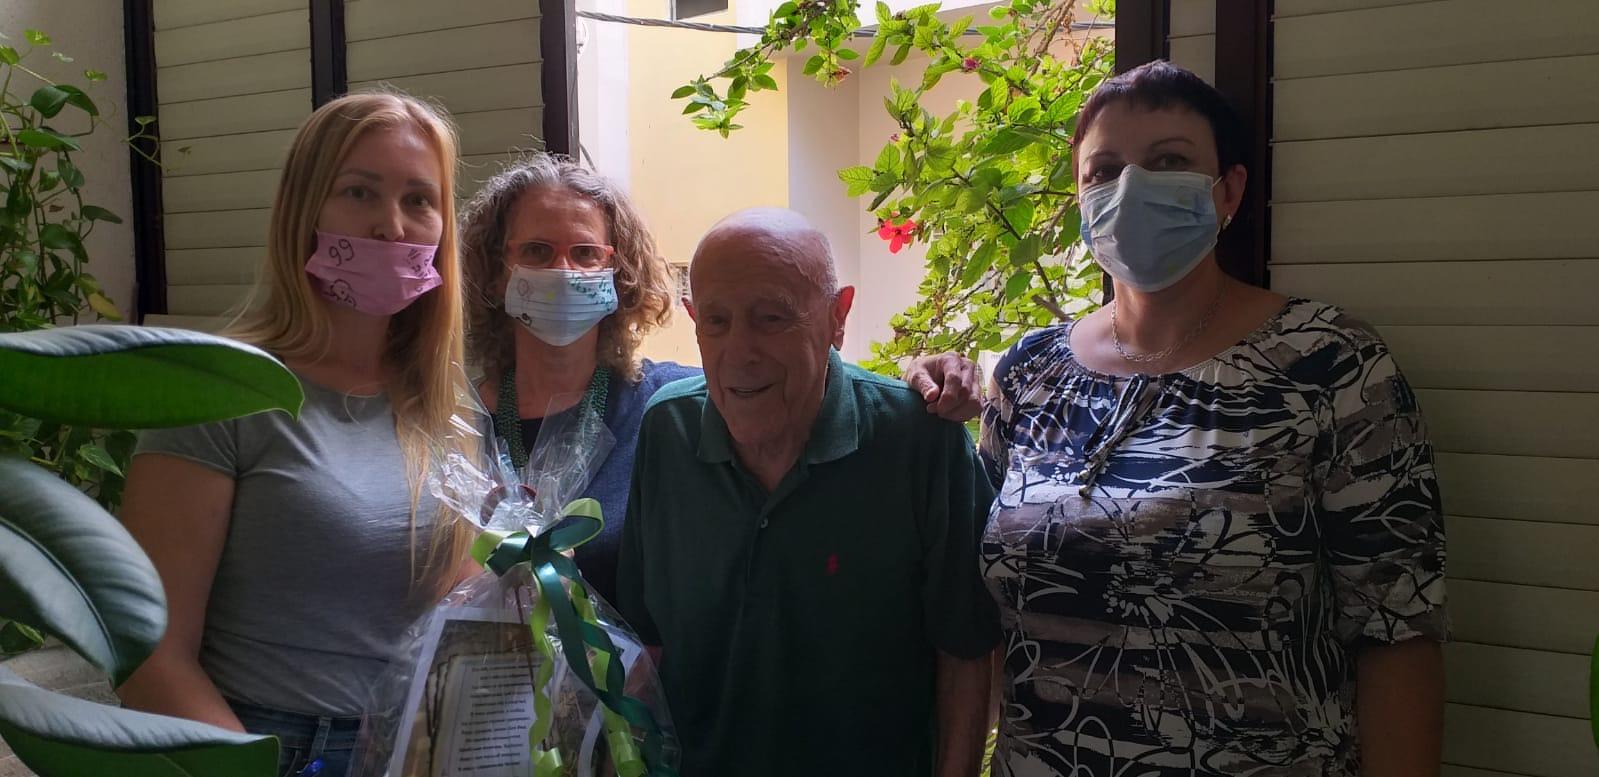 במכבי שירותי בריאות מעניקים טיפול ותמיכה לניצולי השואה לאורך כל השנה